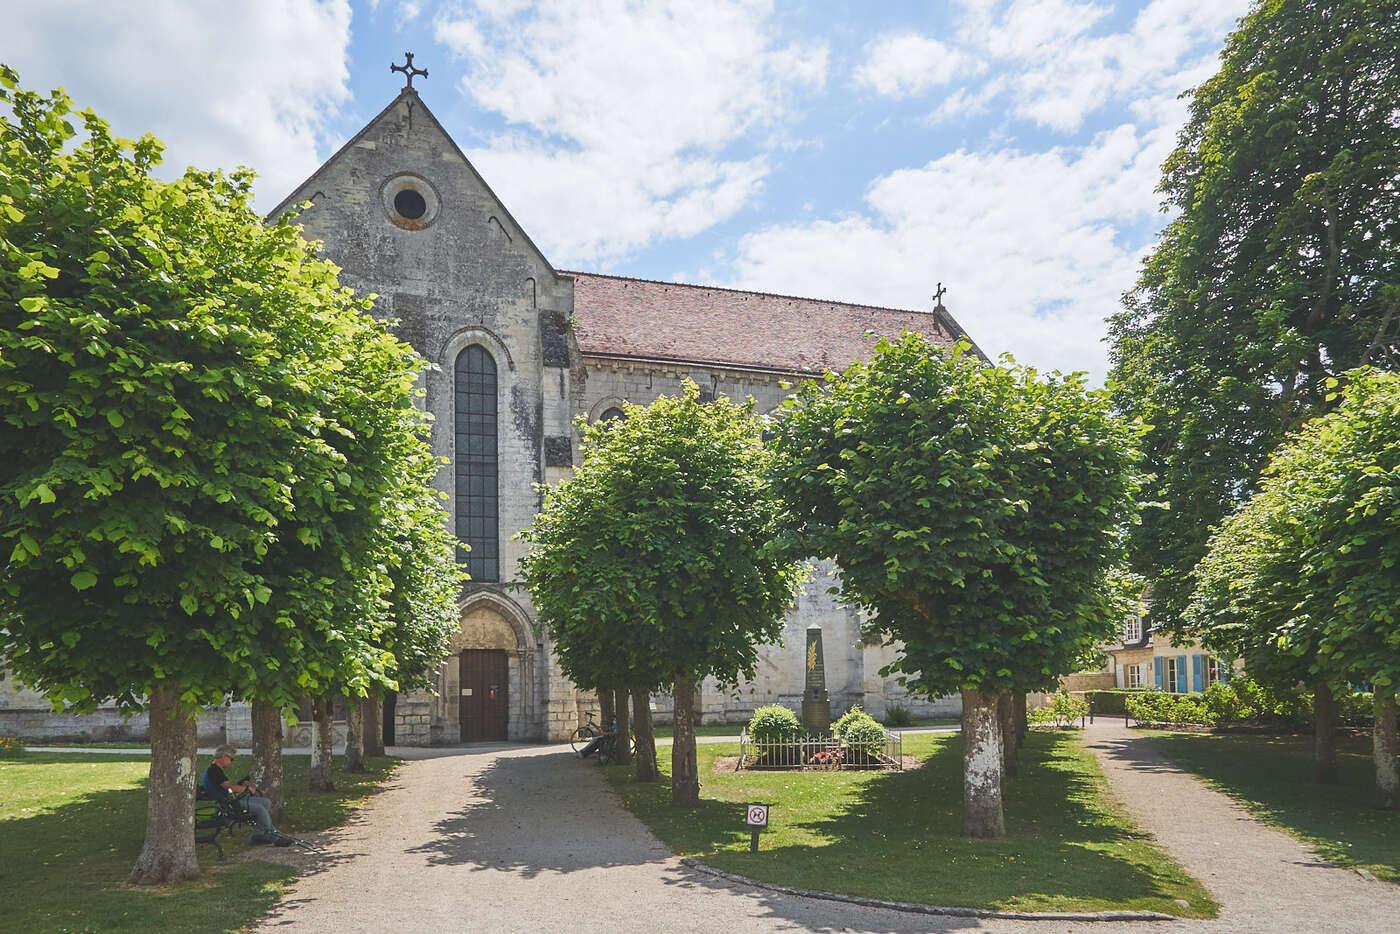 Eglise de Saint-Jean-aux-Bois